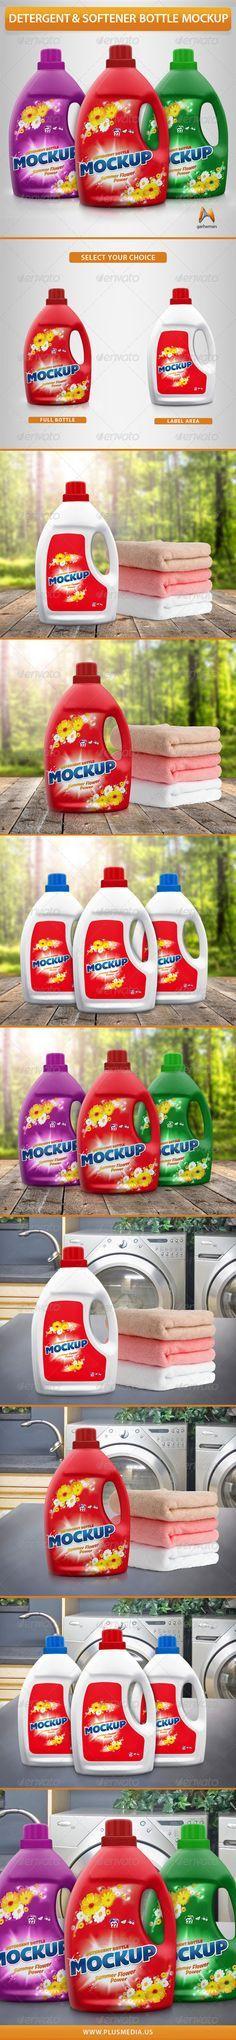 Detergent & Softener Bottle Mockup